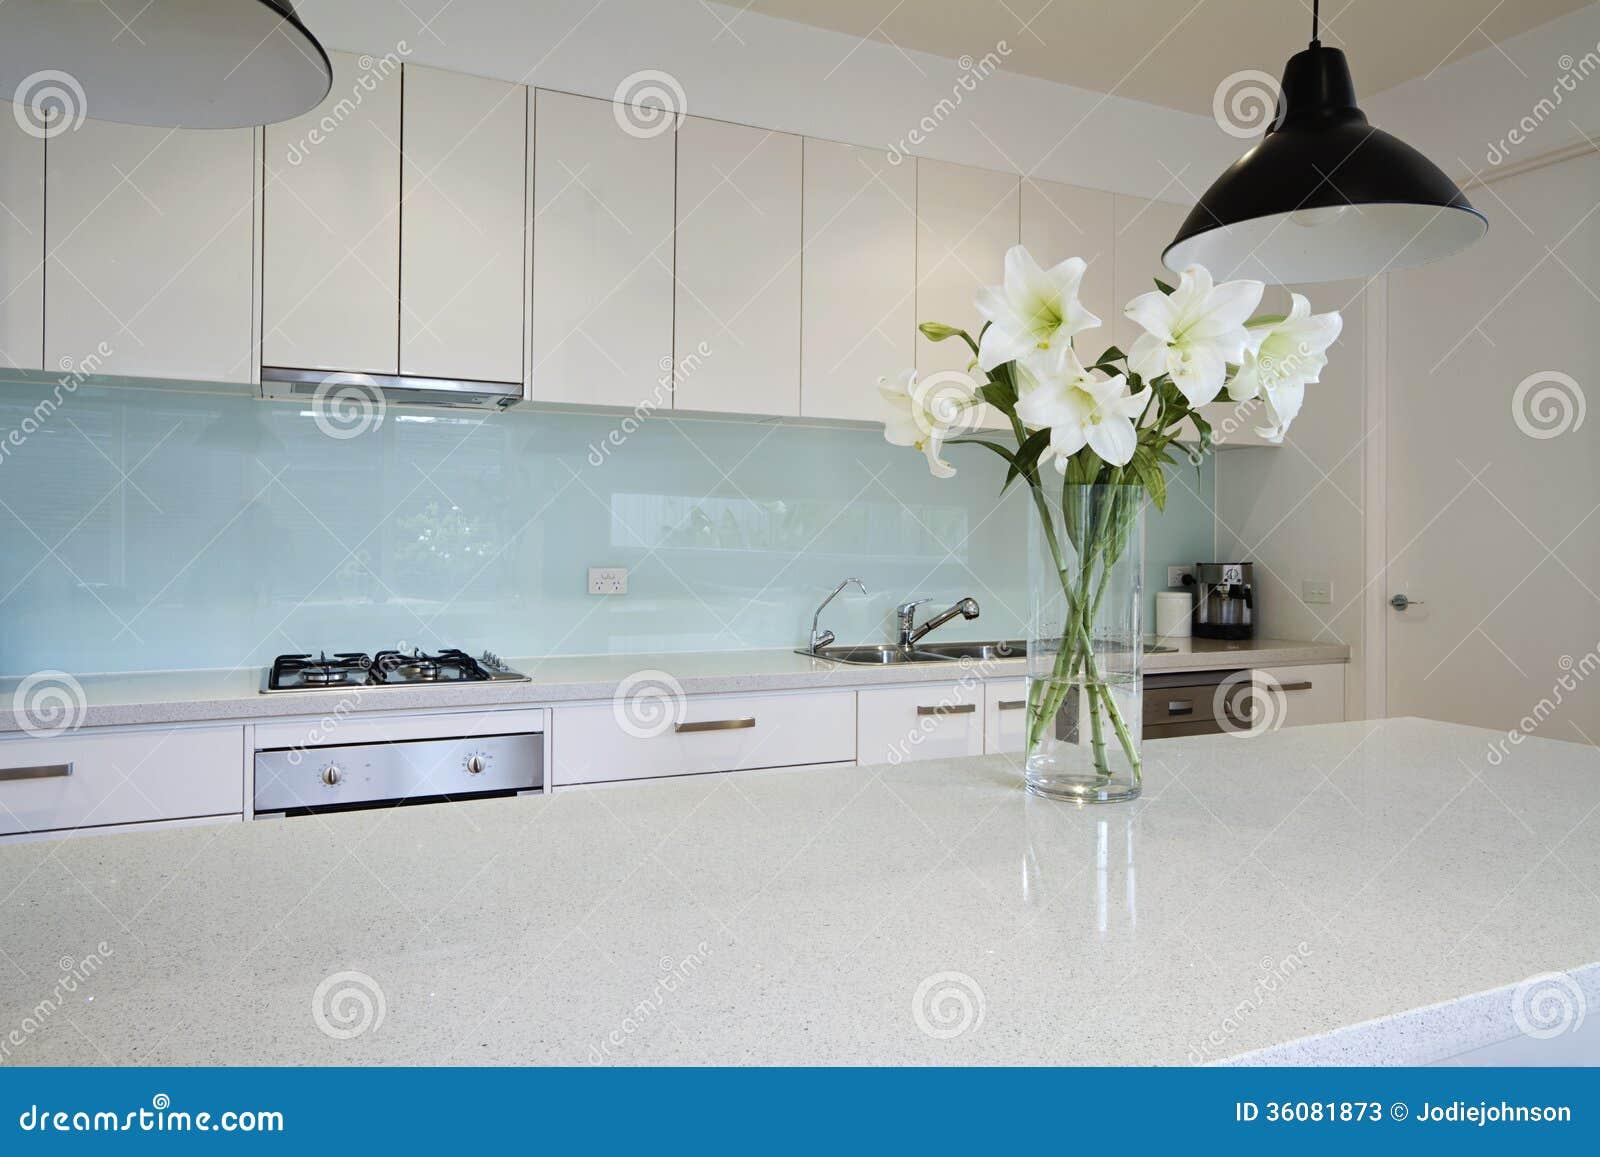 Bloemen op eigentijdse keukenbank stock afbeelding afbeelding 36081873 - Foto eigentijdse keuken ...